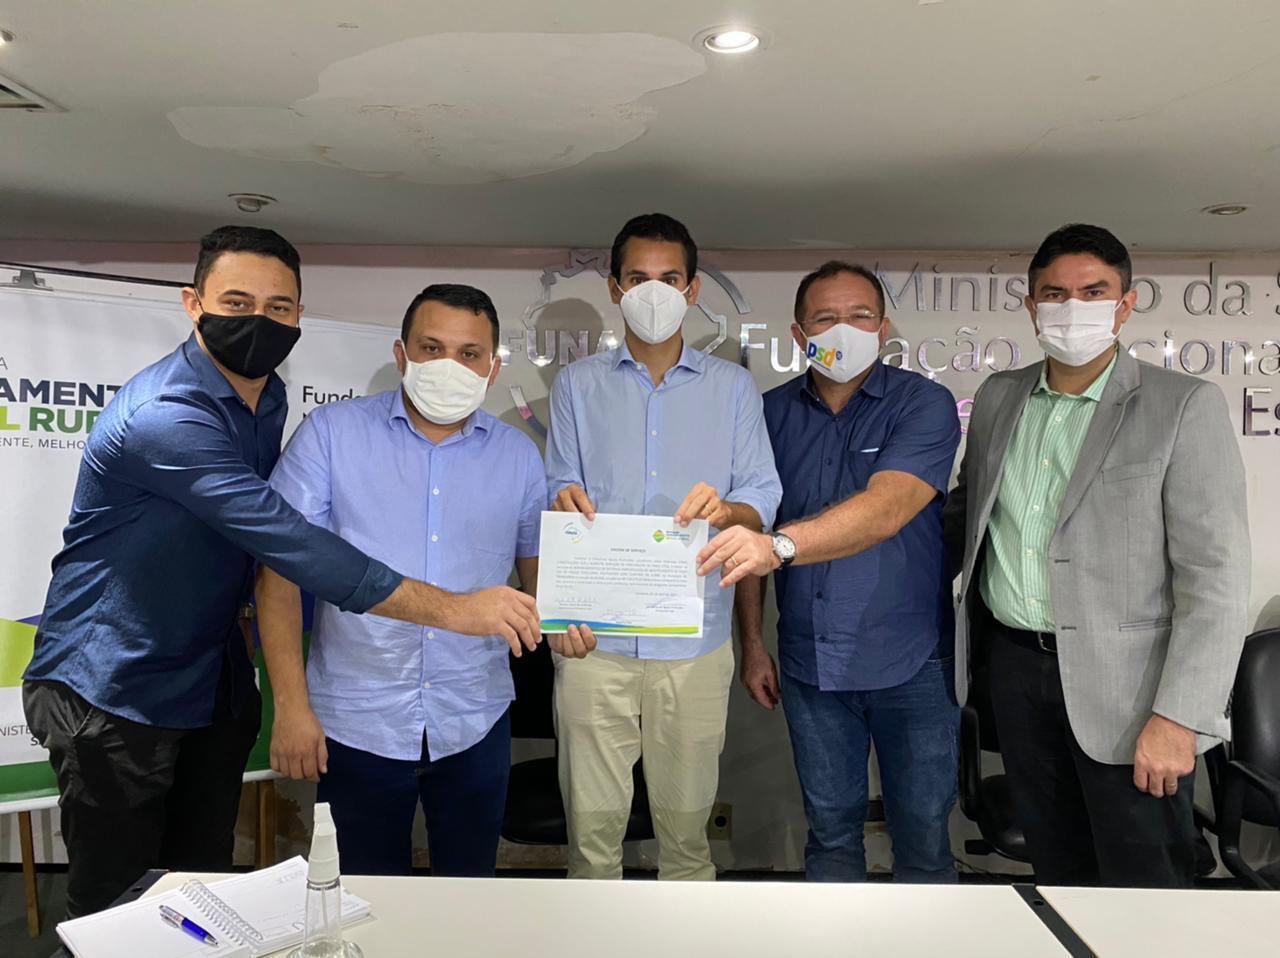 Funasa autoriza através de Domingos Neto obras de abastecimento de R$ 8,7 milhões para sete municípios cearenses